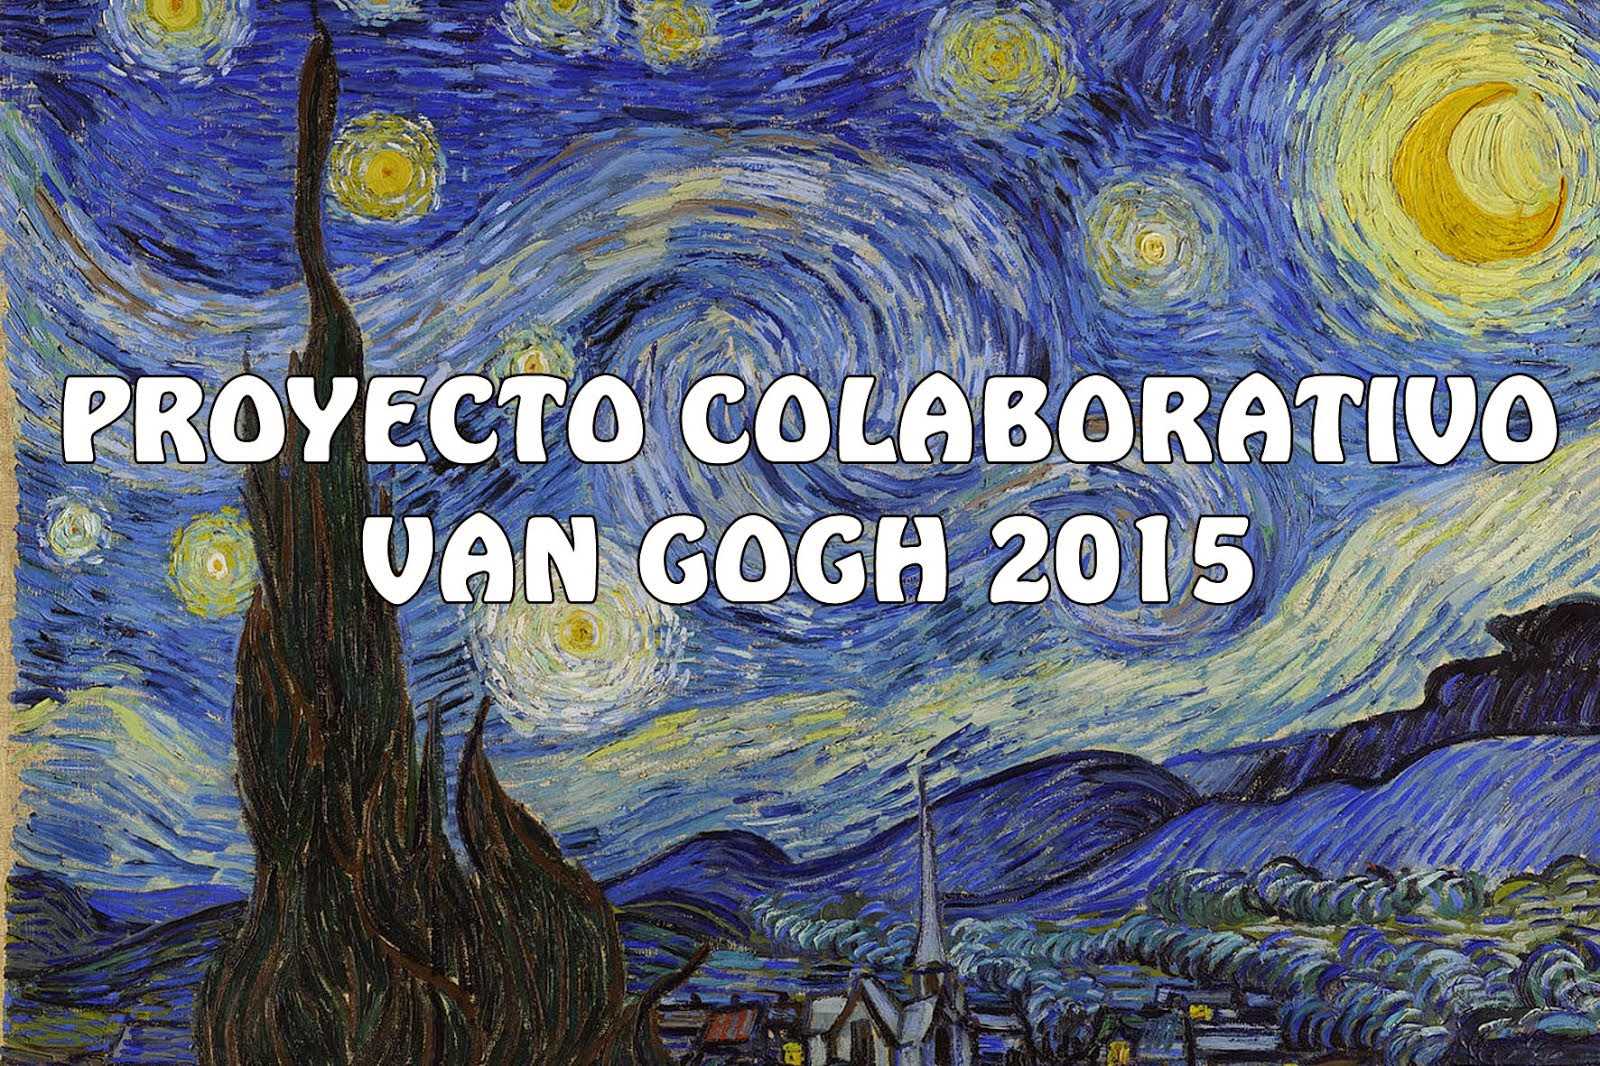 PROYECTO COLABORATIVO VAN GOGH 2015